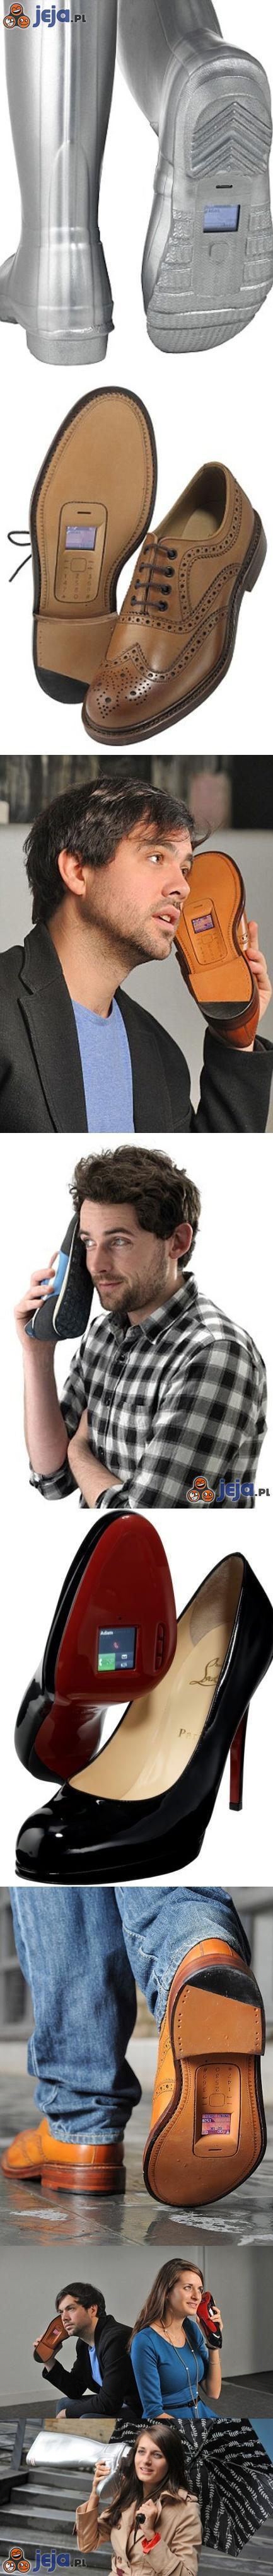 Z serii: musisz to mieć - telefon w bucie